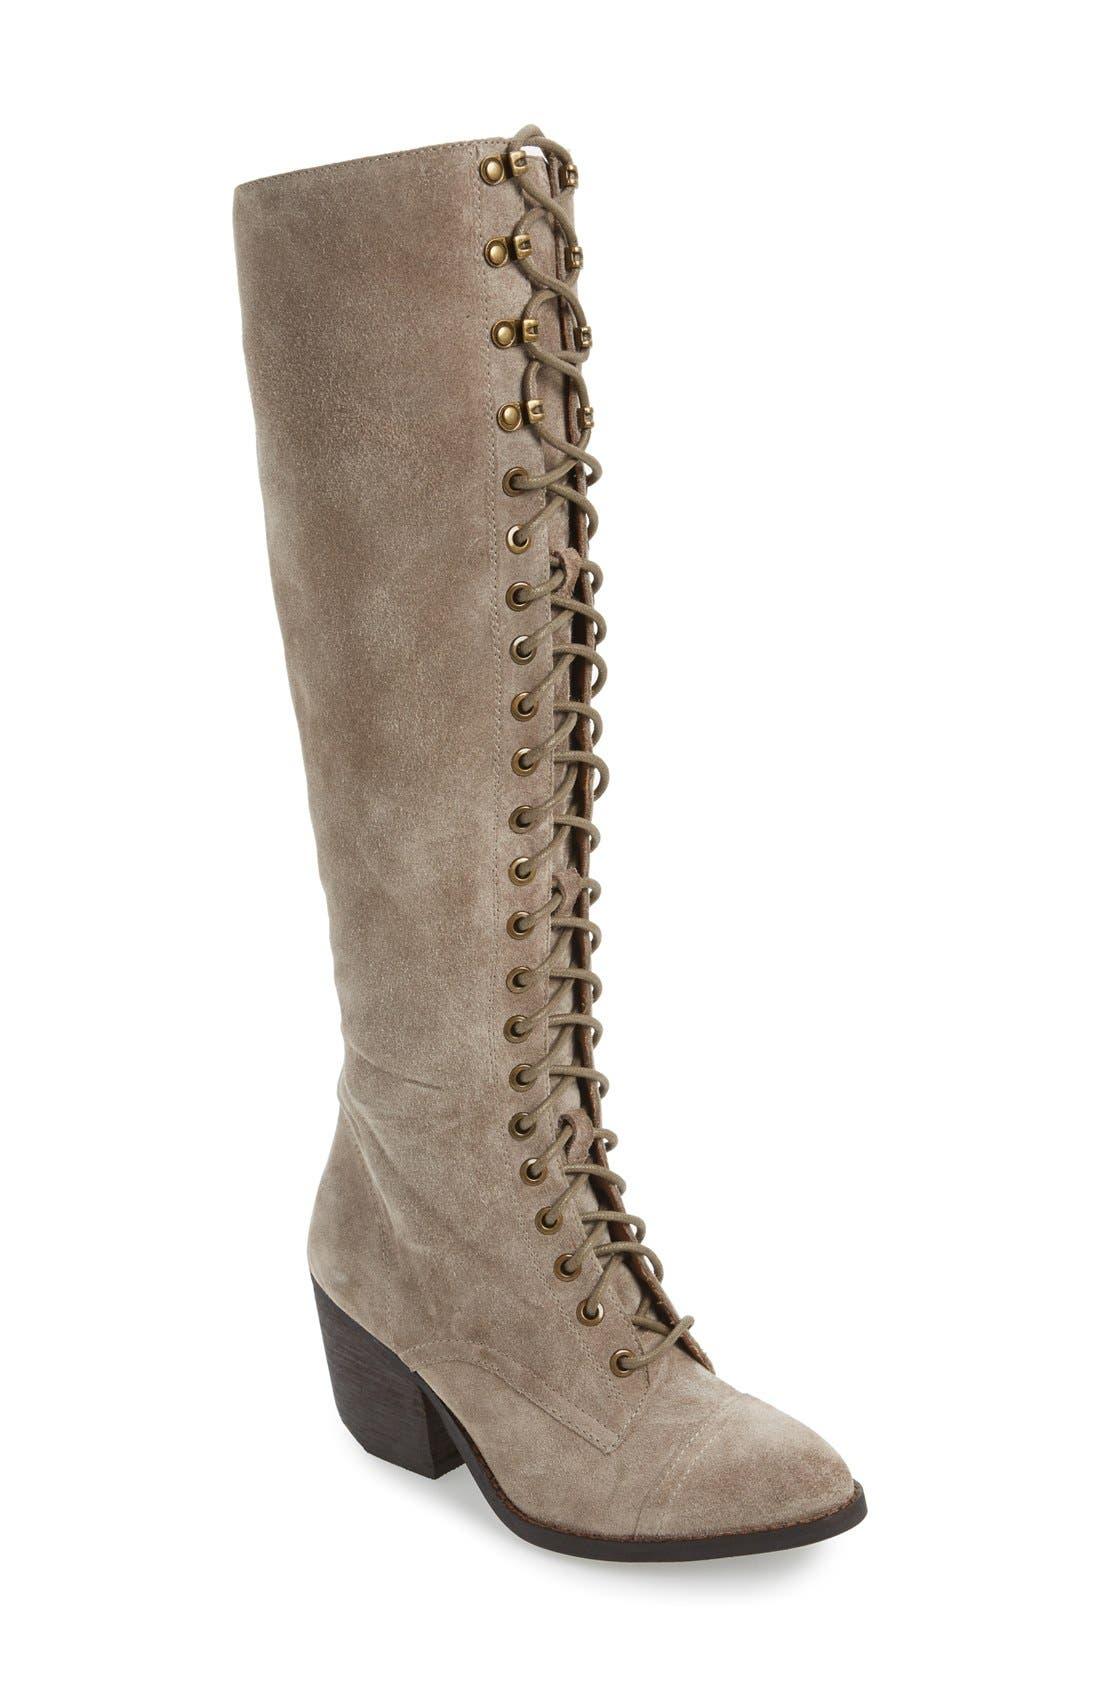 Main Image - Jeffrey Campbell 'Kandace' Lace-Up Tall Boot (Women)